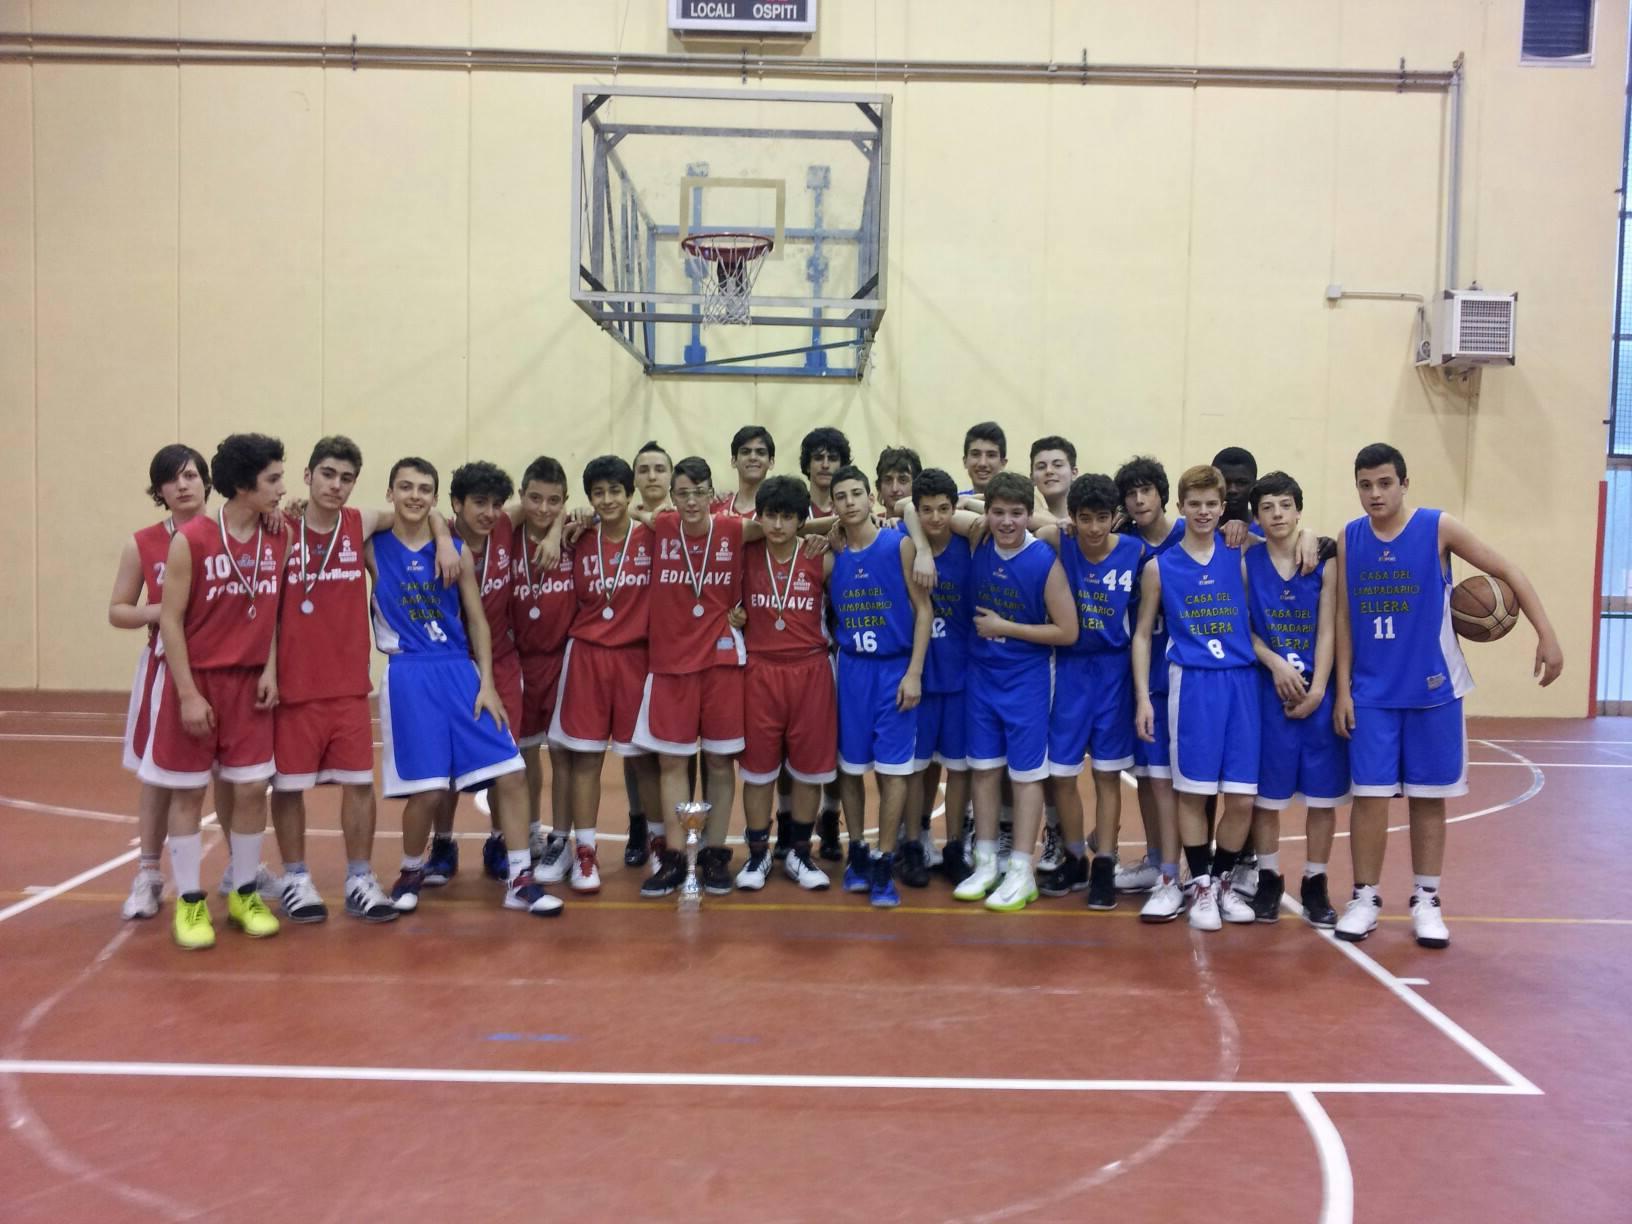 Orvieto Basket U15. La trasformazione del brutto anatroccolo. Storia della due giorni nel regno di Narnia